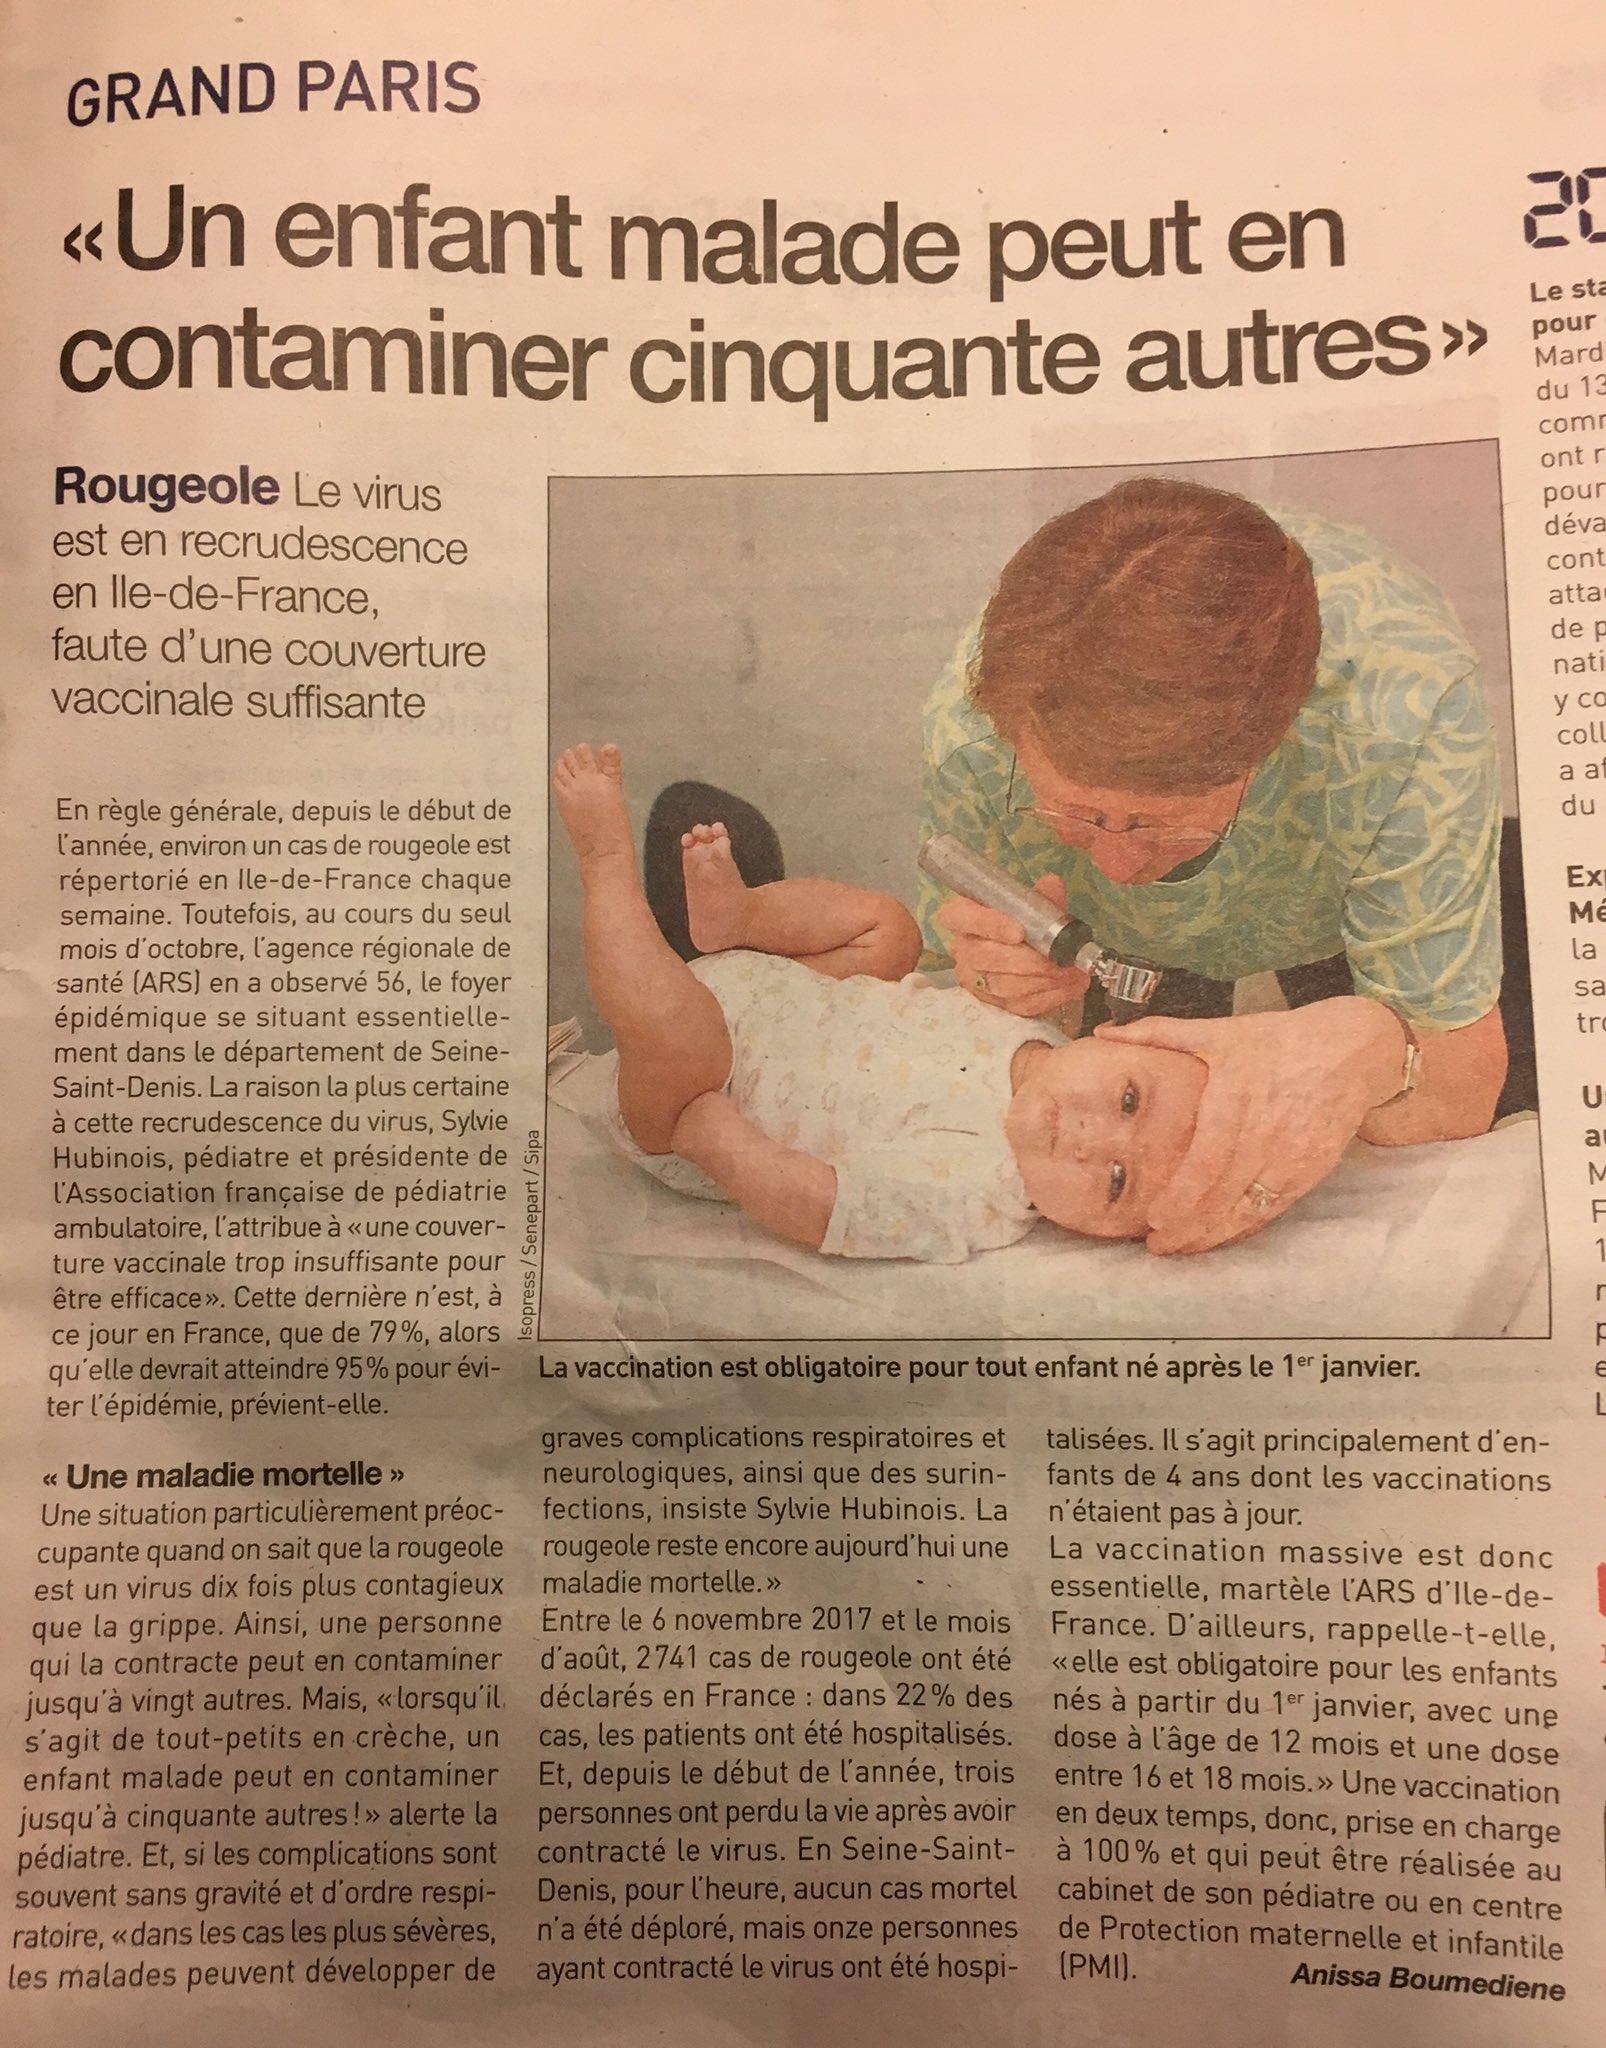 #SantePublique #vaccination la #rougeole est en recrudescence en #IledeFrance en raison d'une couverture vaccinale insuffisante ! 1 cas de rougeole est répertorié en Ile de France chaque semaine via @20Minutes @ARS_IDF https://t.co/eanVuj64c2